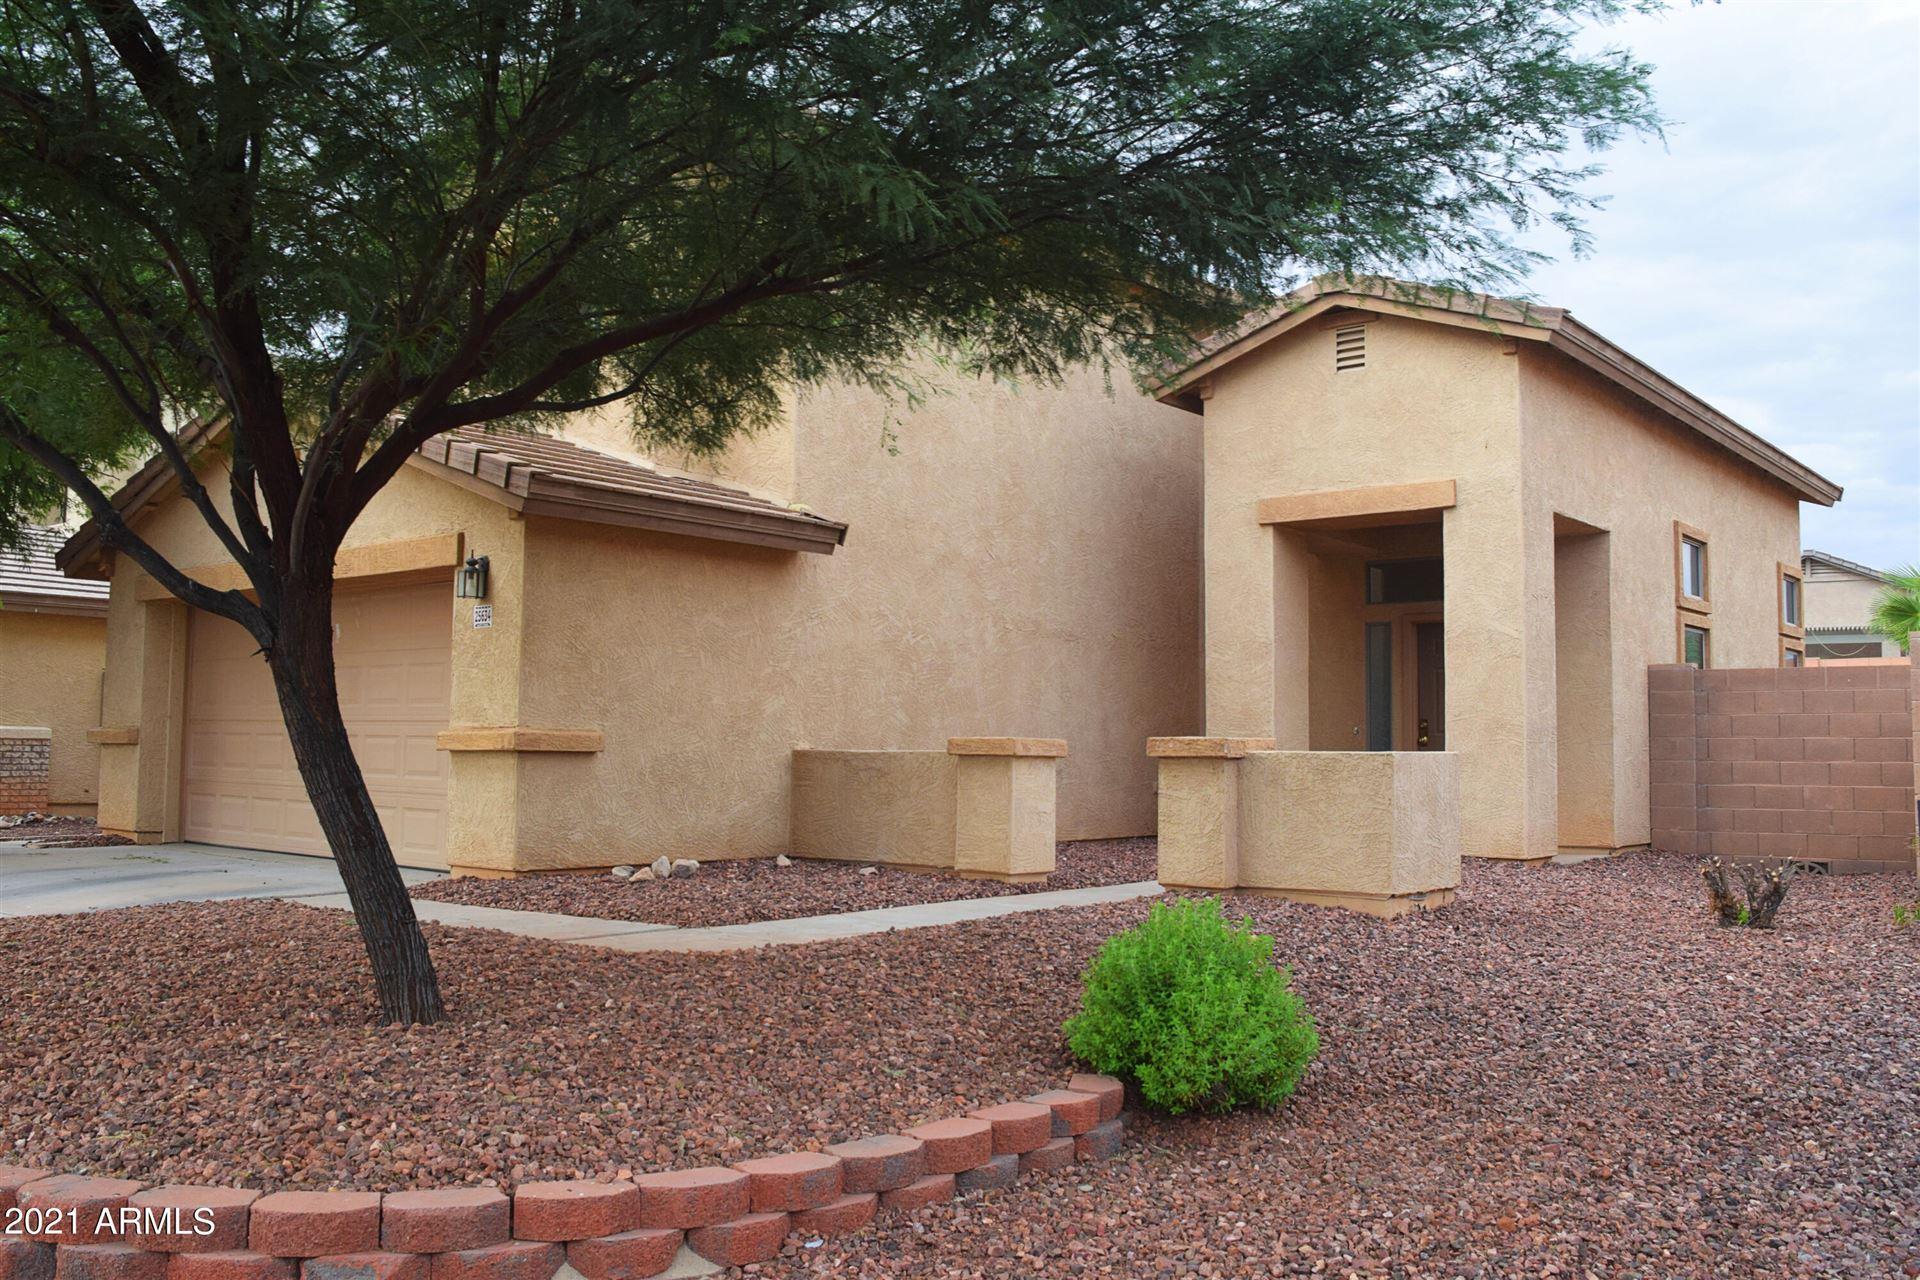 Photo of 25634 W ST CATHERINE Avenue, Buckeye, AZ 85326 (MLS # 6305380)